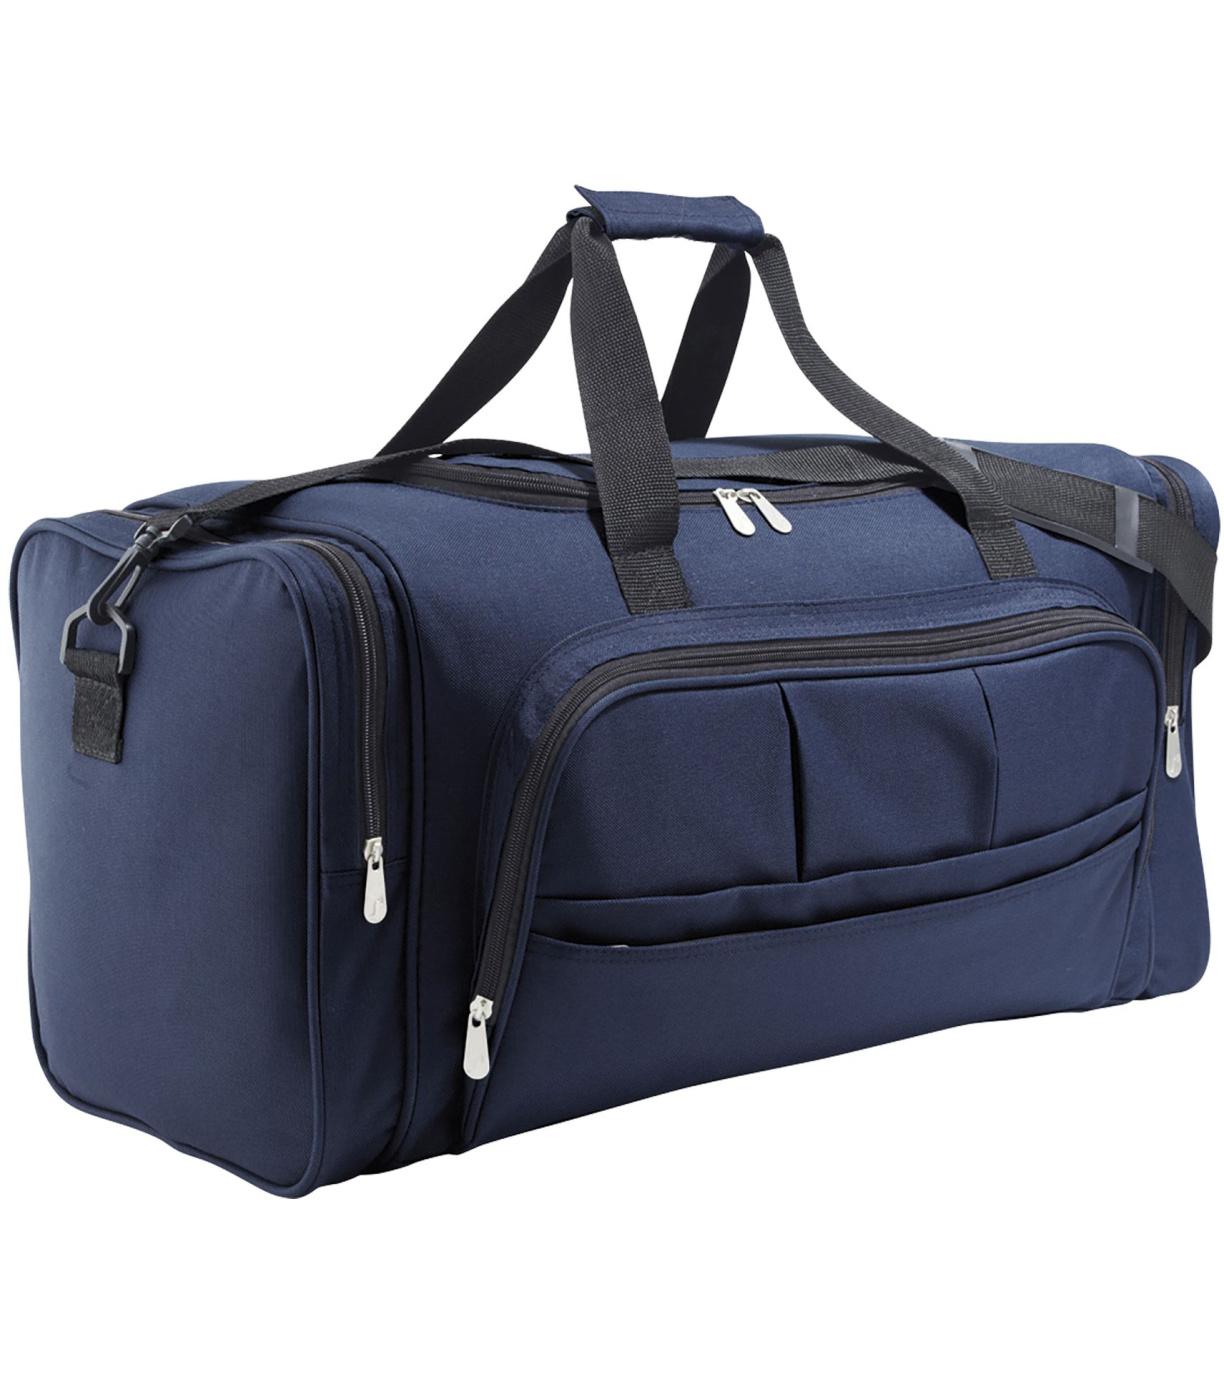 SOĽS Cestovní taška 45l WEEK-END 70900319 Námořní modrá TUN